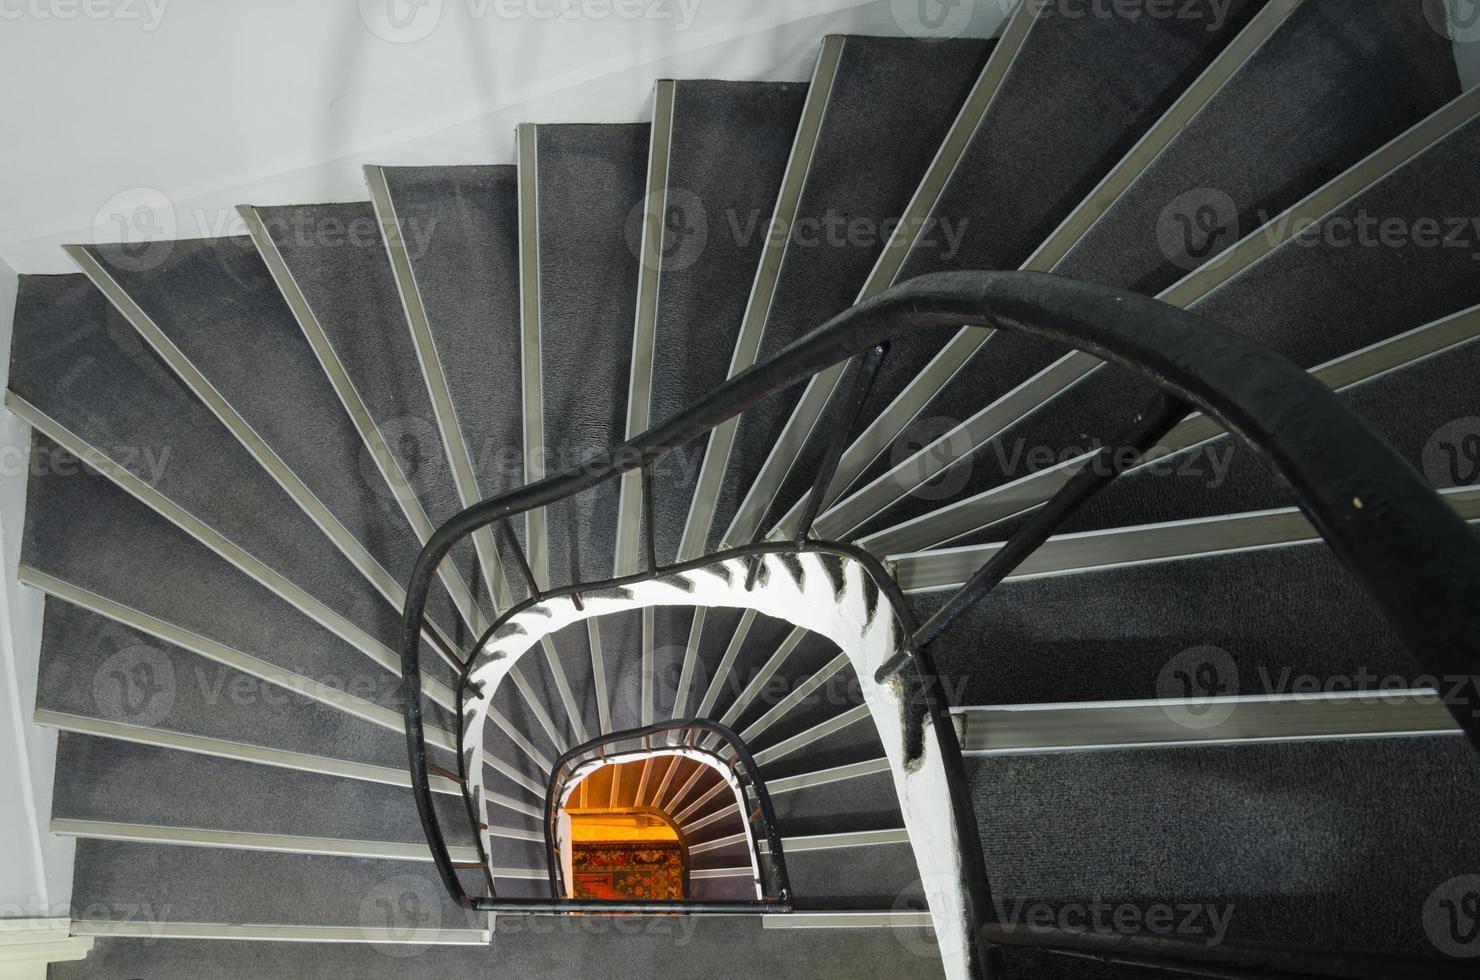 escalier en colimaçon avec lumière à la fin. photo